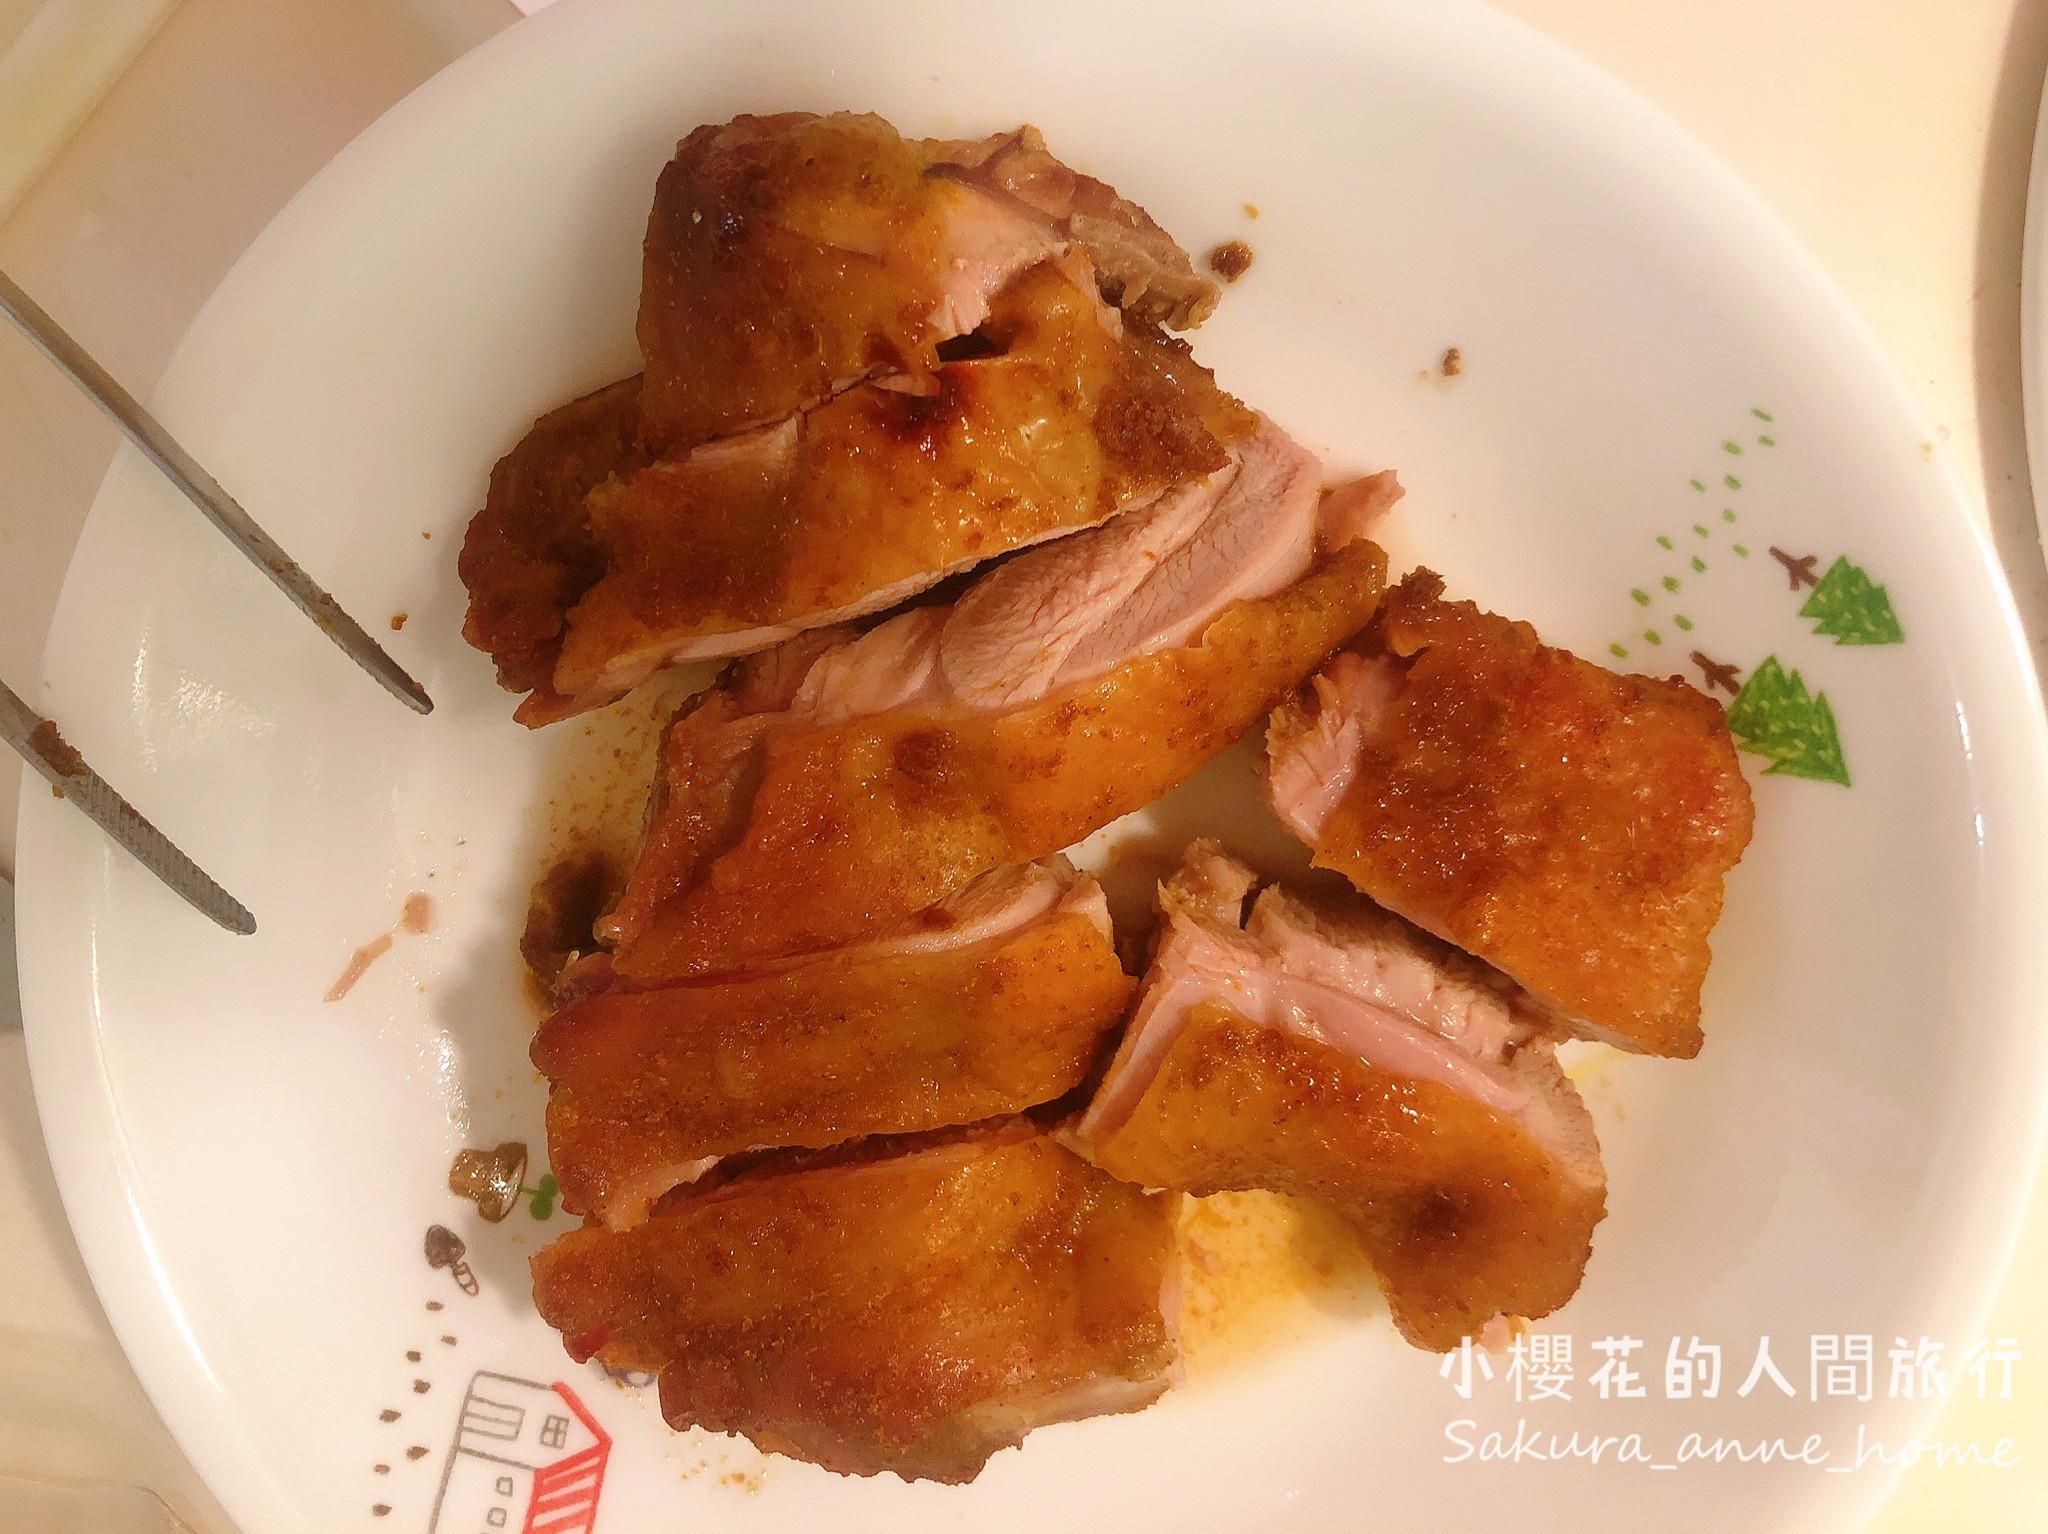 阿拉丁烤箱-蜜汁咖喱烤雞腿